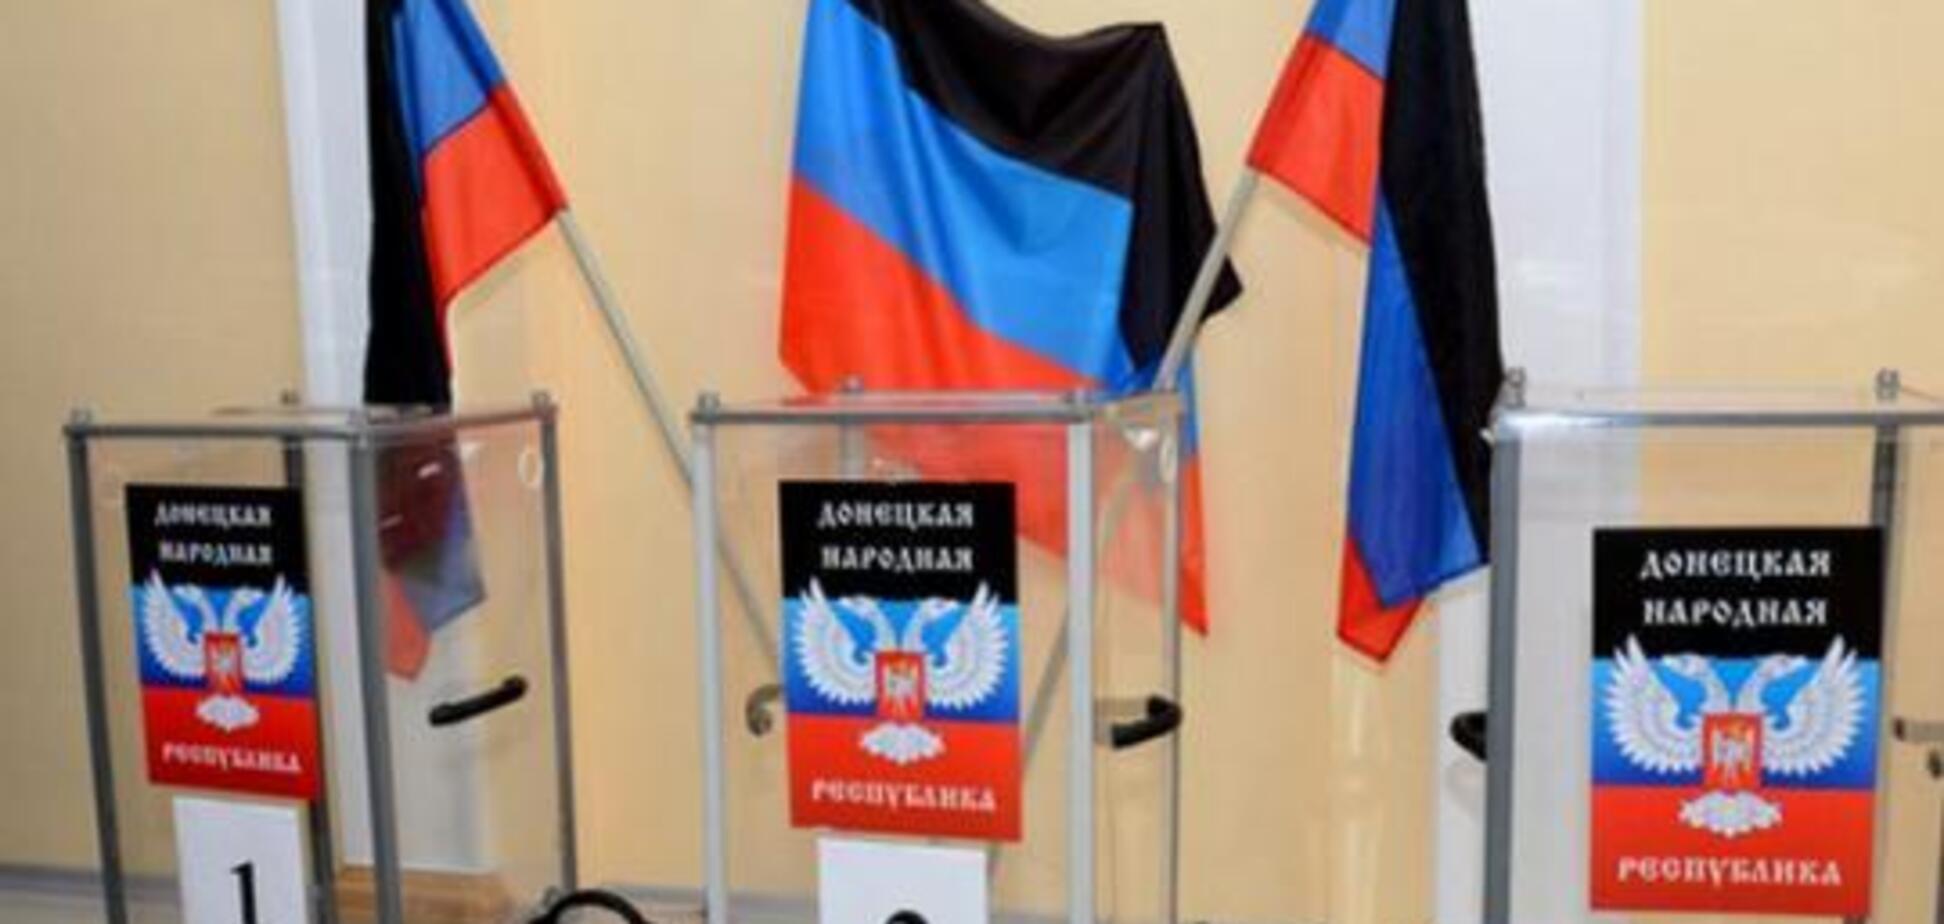 Фейкові вибори в ''Л/ДНР'': окупанти оприлюднили перші результати